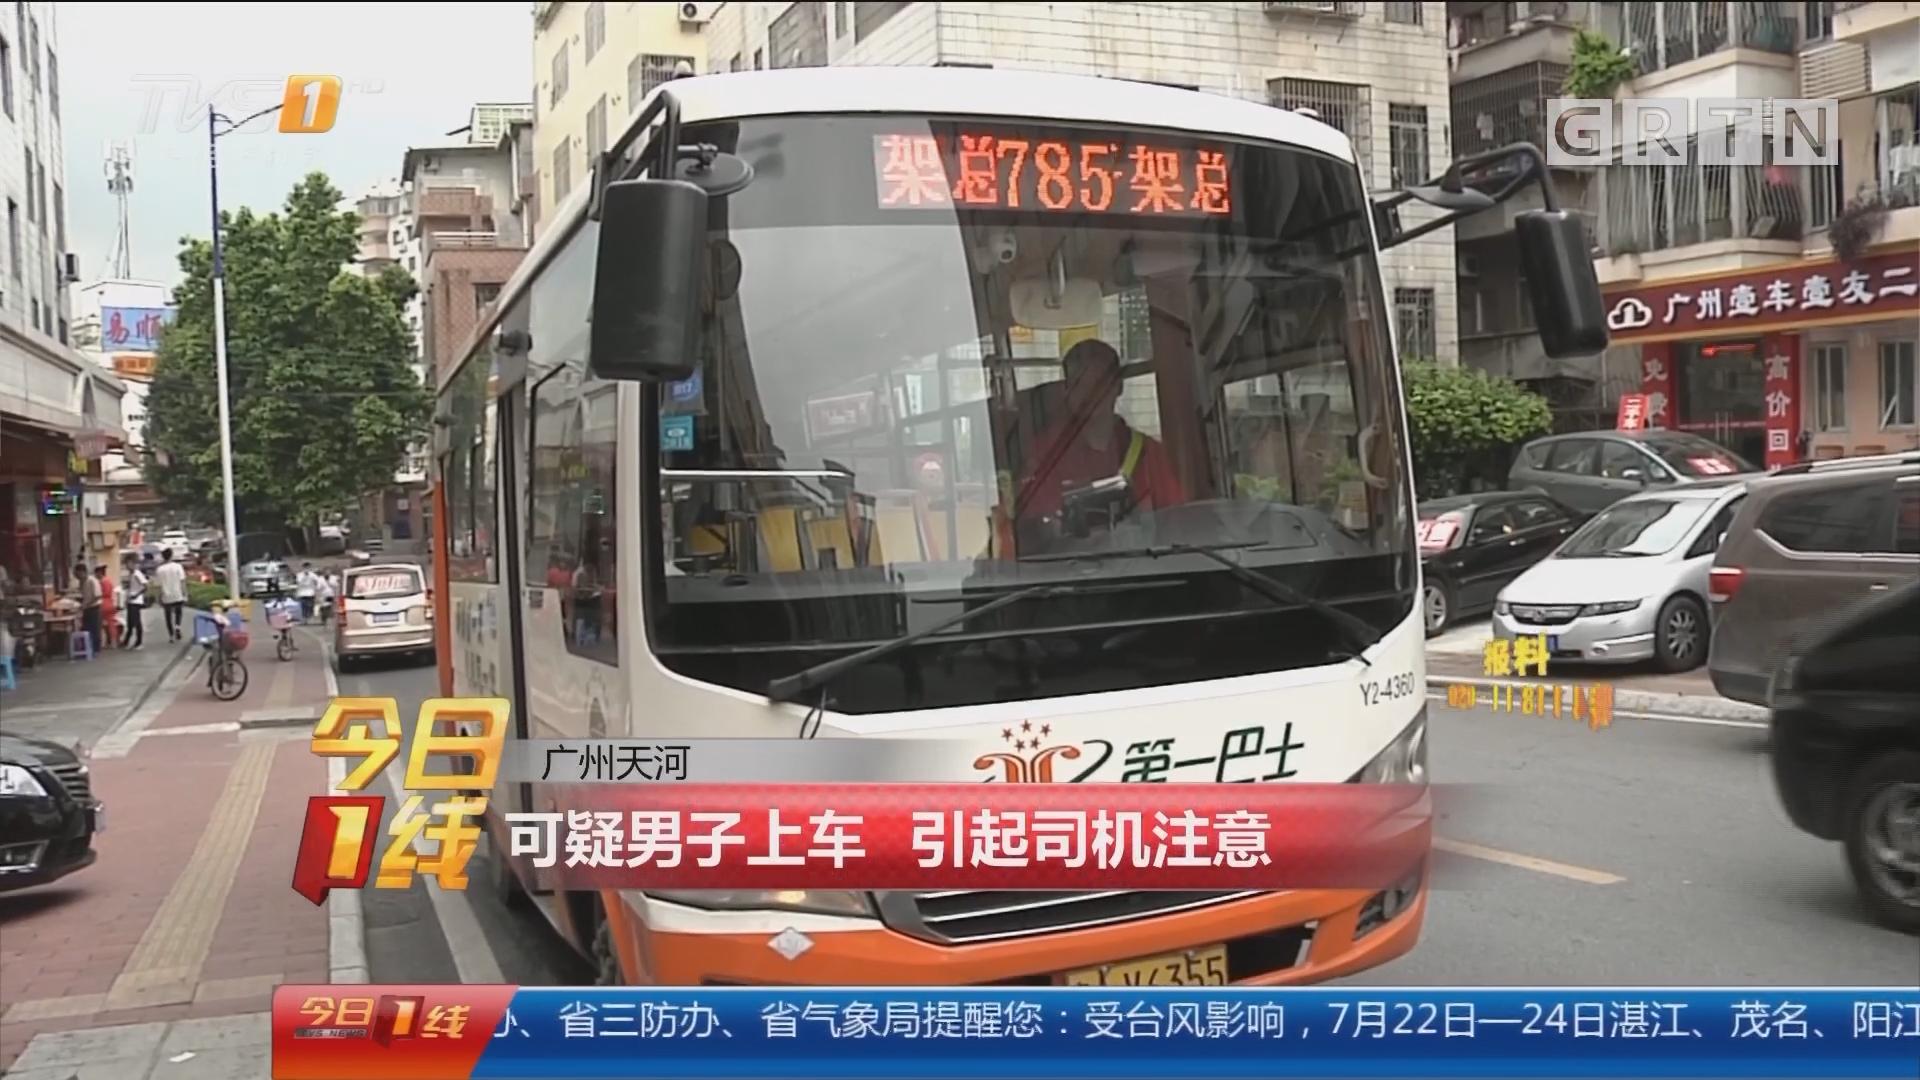 广州天河:可疑男子上车 引起司机注意